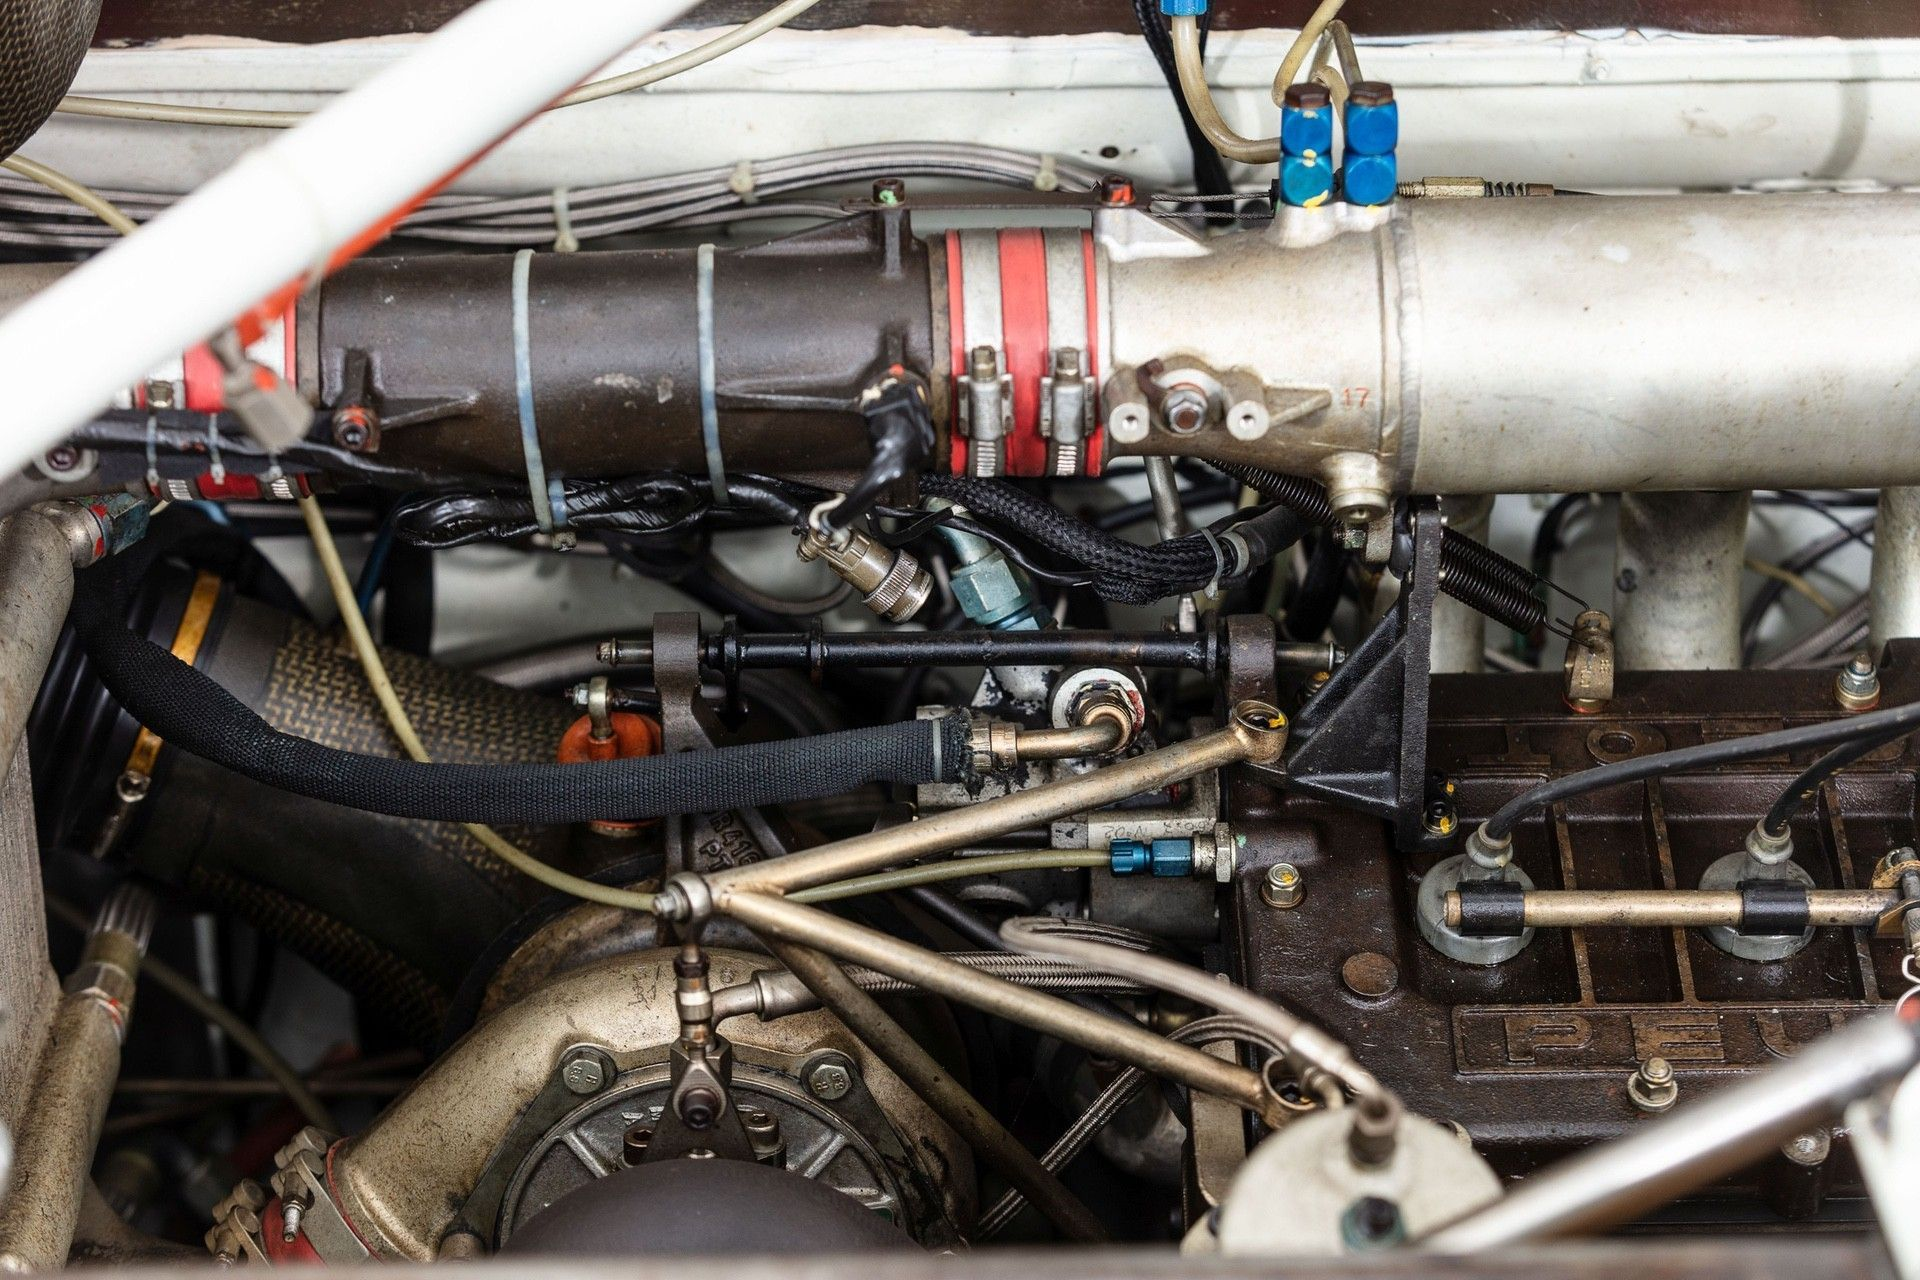 1985_Peugeot_205_Turbo_16_Evolution_2_sale-0035